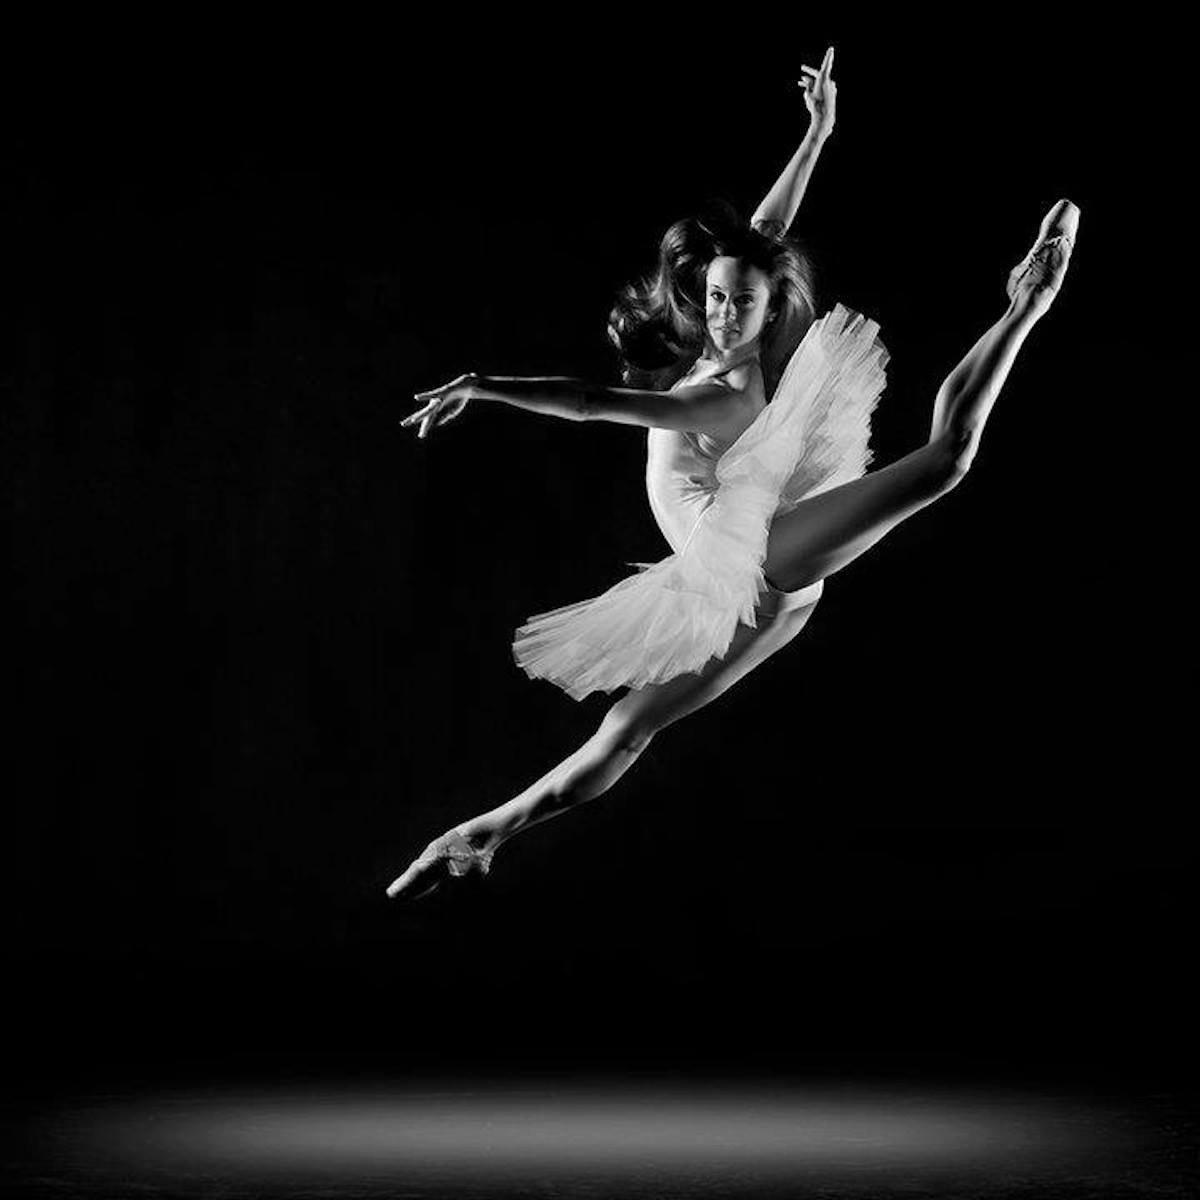 меня картинка балерина черно белая картинка три минуты попасть